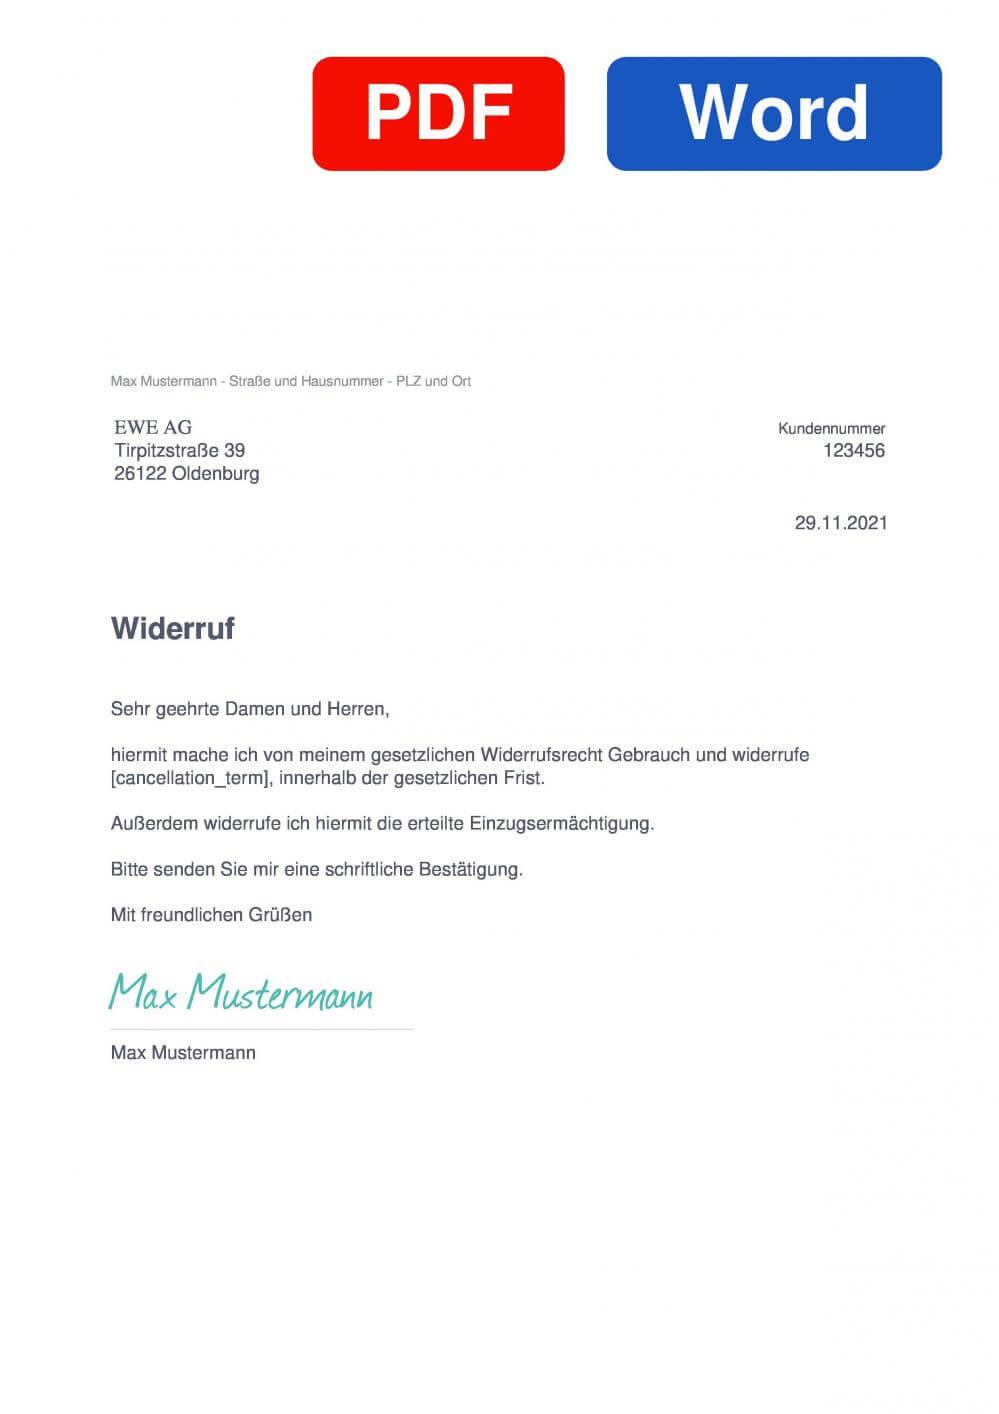 EWE DSL Muster Vorlage für Wiederrufsschreiben